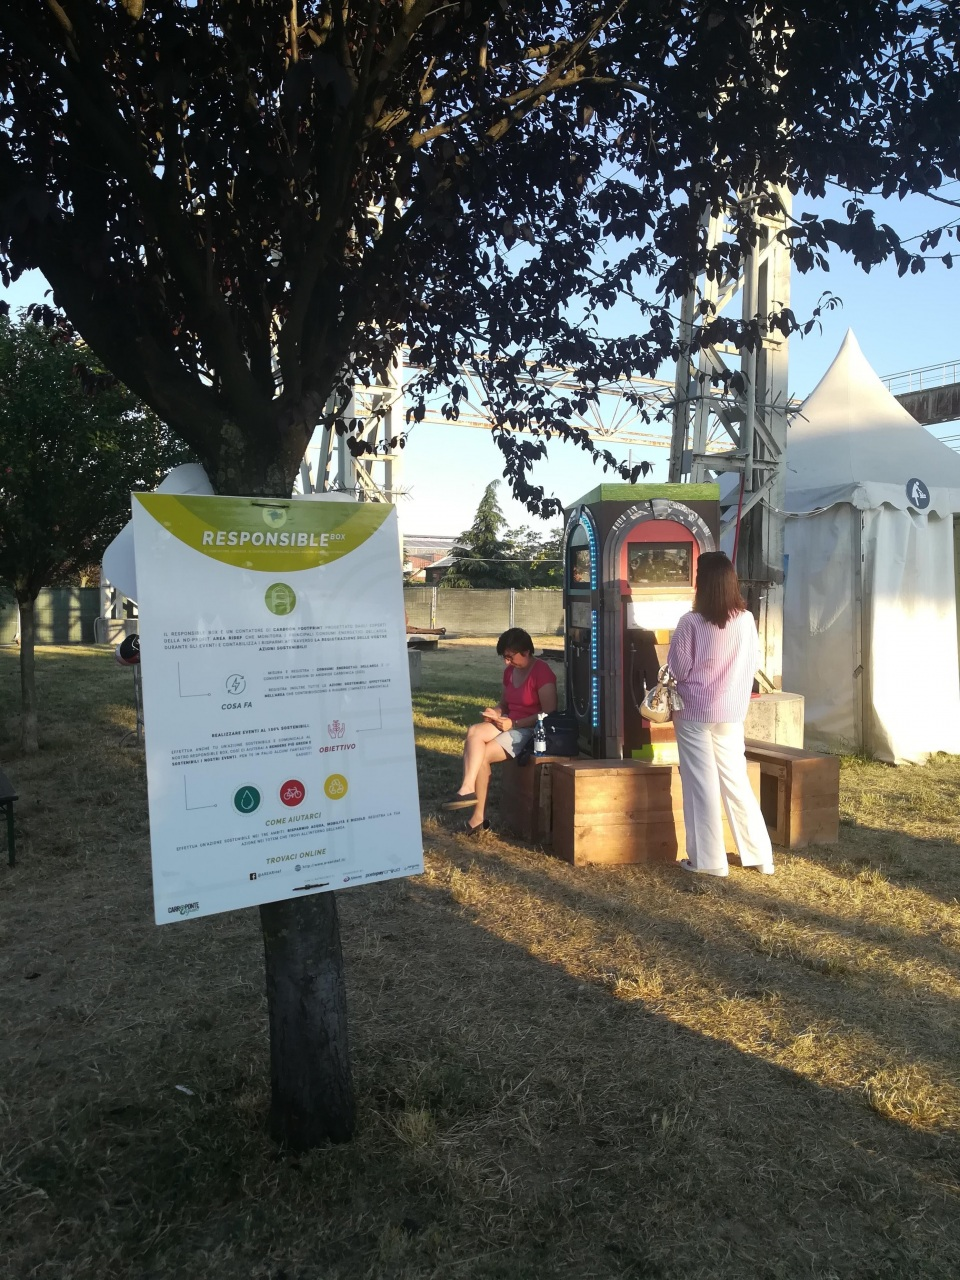 Carroponte 2018, stagione all'insegna della sostenibilità: gamification, blockchain e l'energia 100% green di Sorgenia